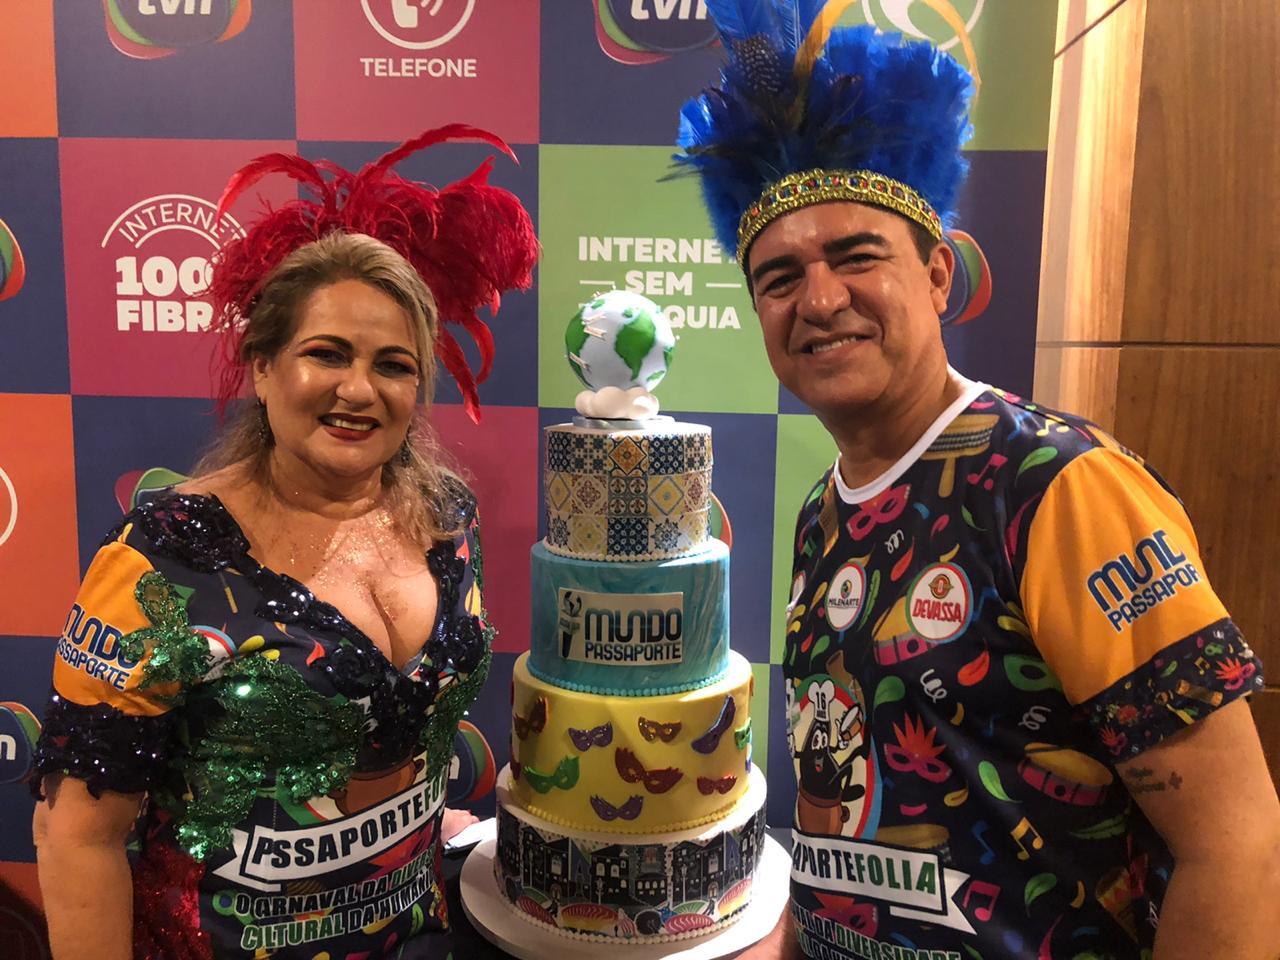 Os anfitriões Madalena Nobre e Marcos Davi.